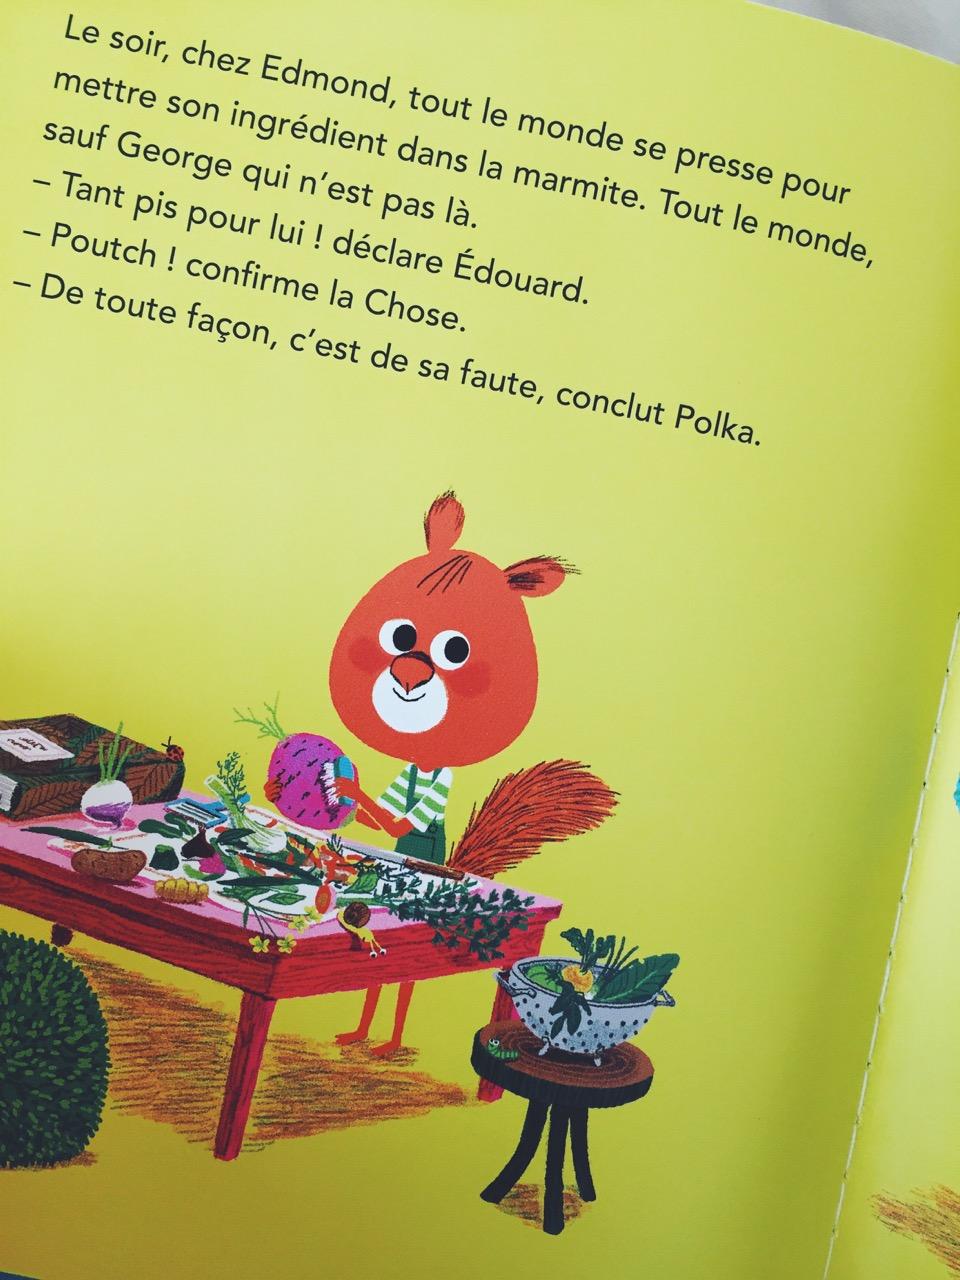 La soupe à tout littérature jeunesse coup de coeur lecture enfant Edmond l'écureuil